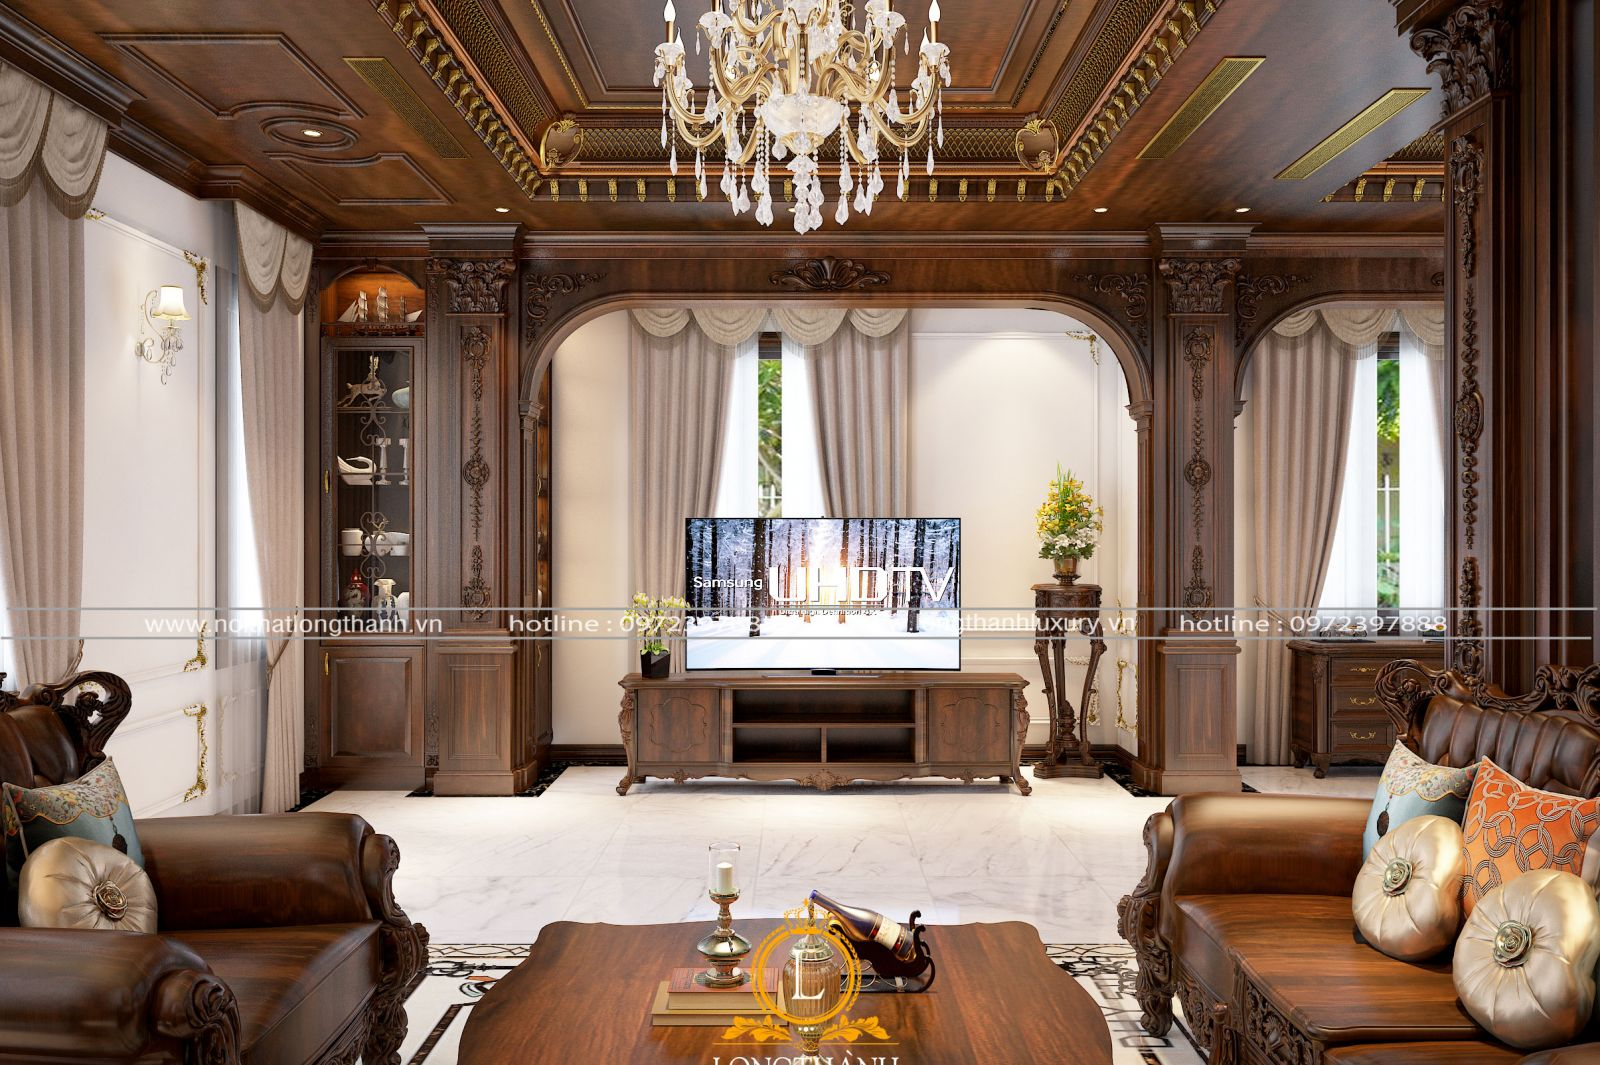 Phòng khách đẹp với hệ sảnh rộng